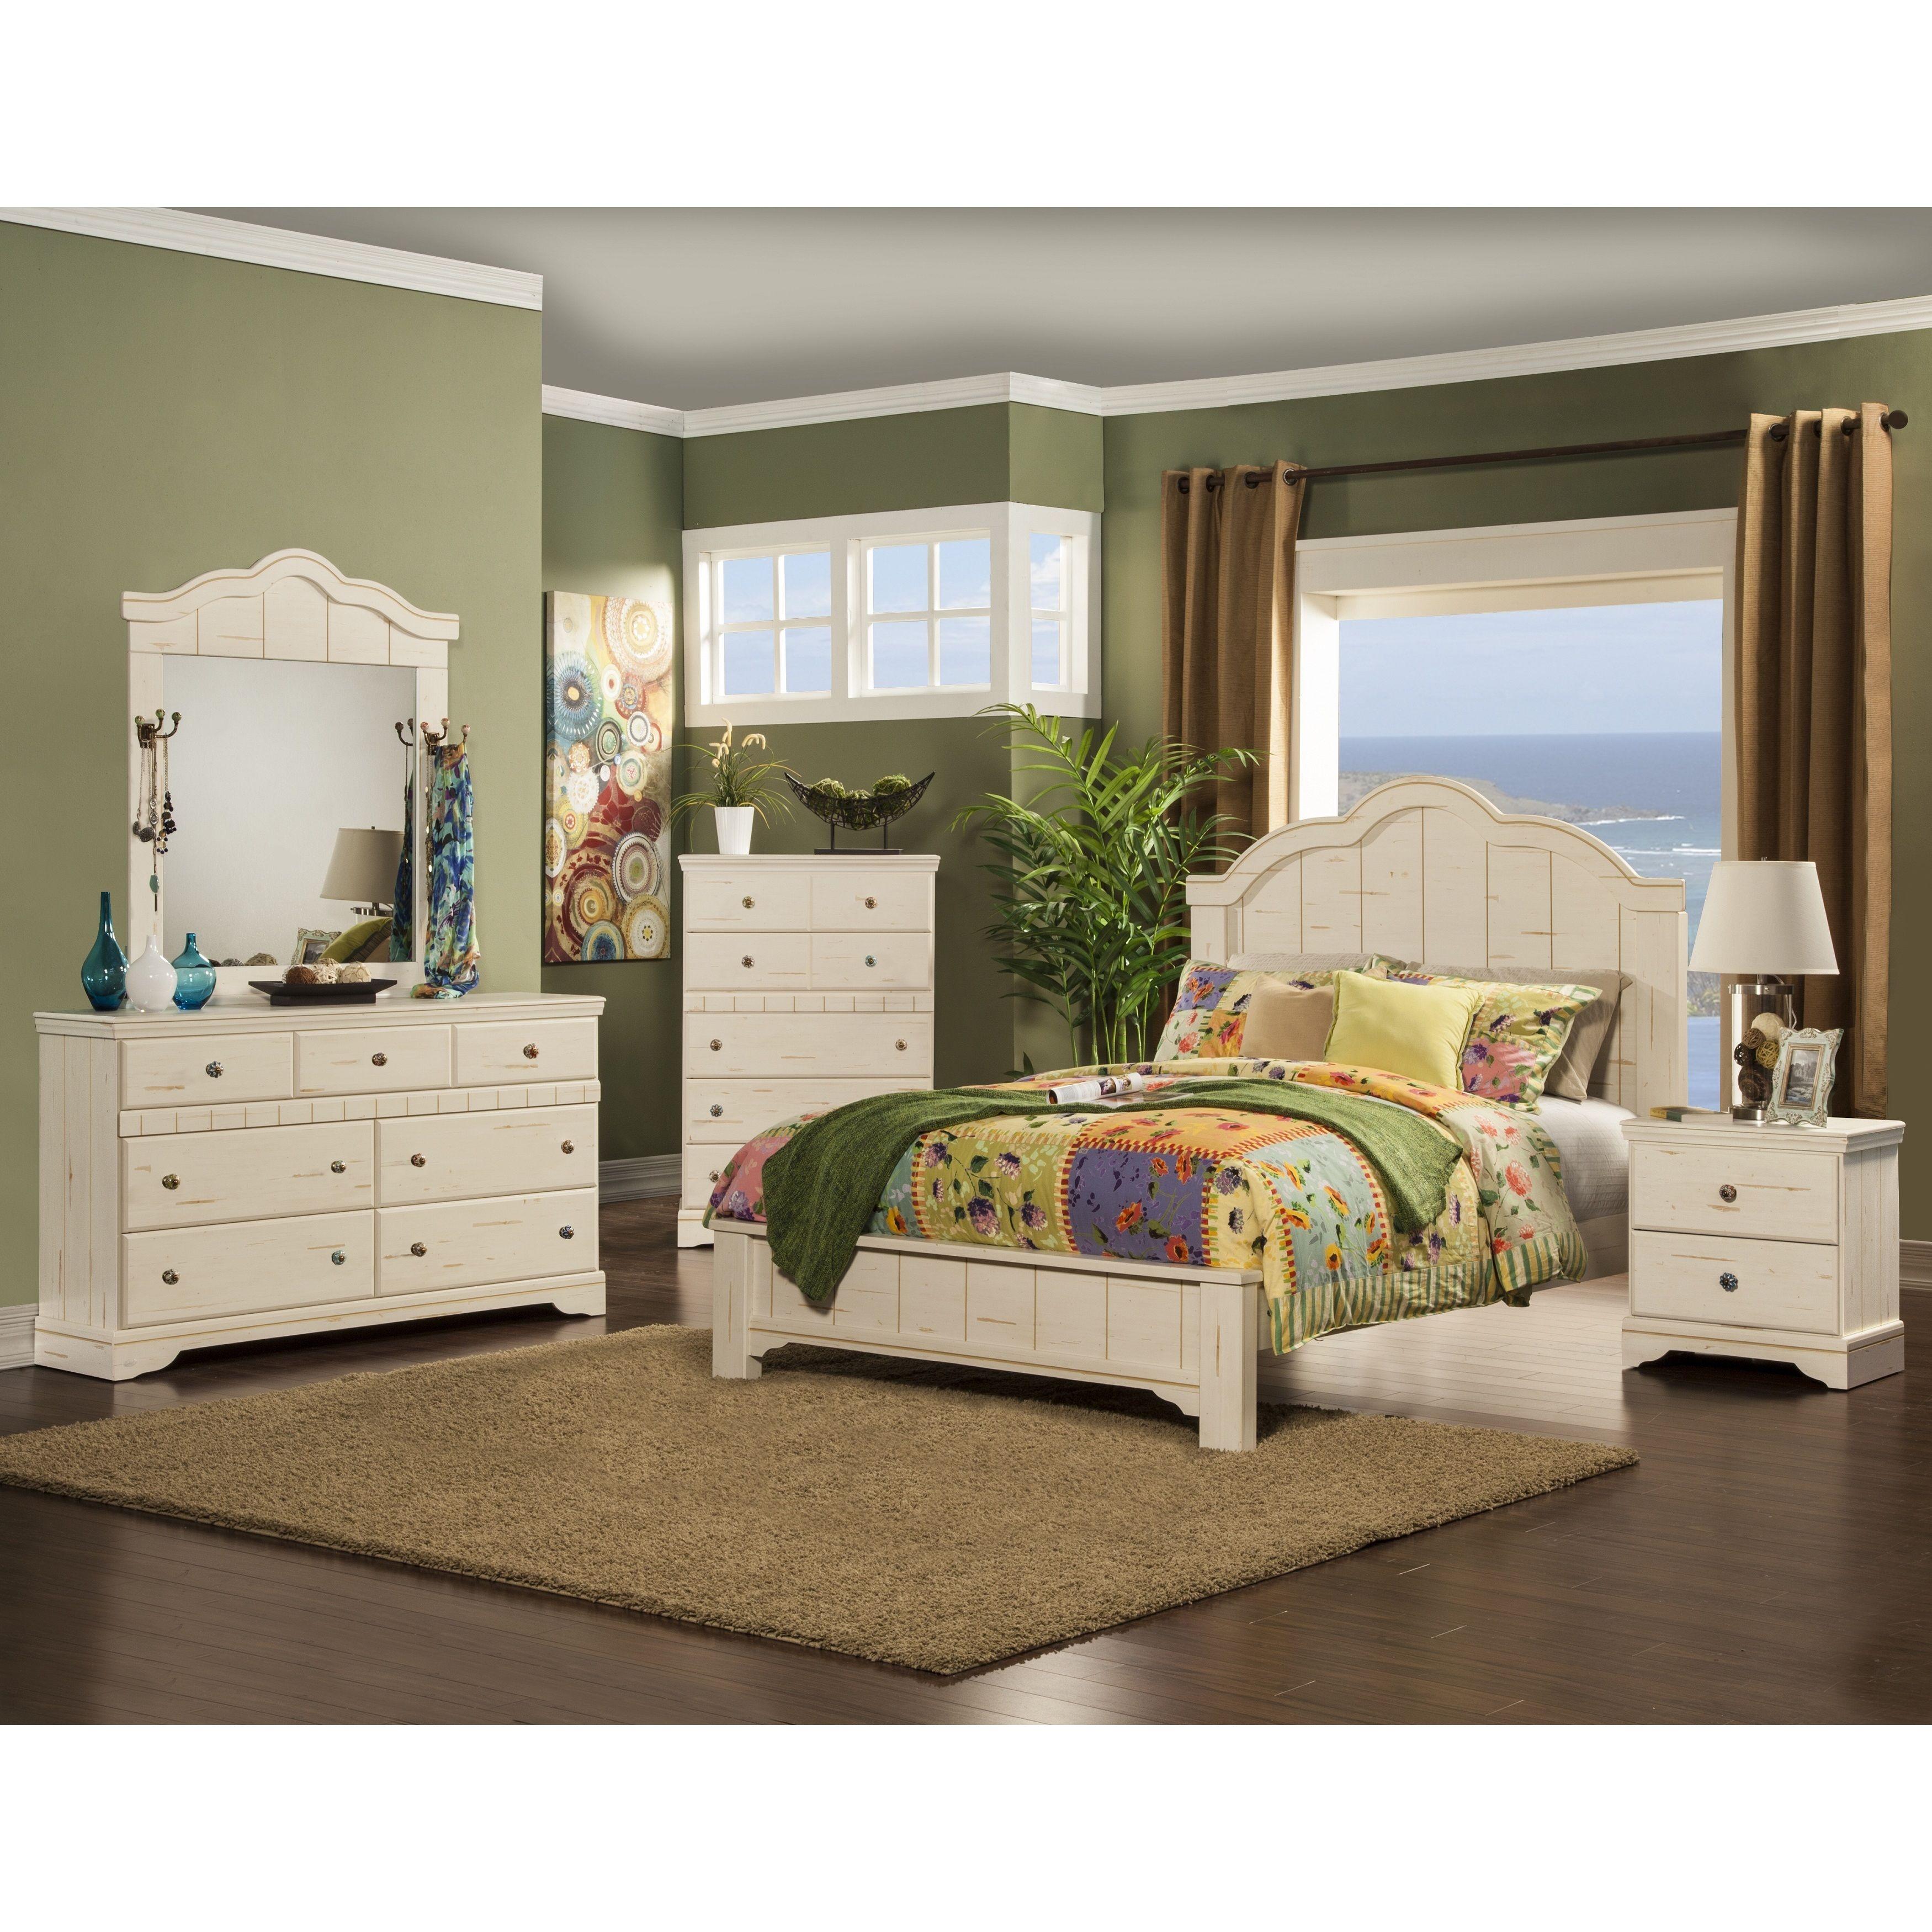 Sandberg furniture jardin bedroom set overstock shopping big